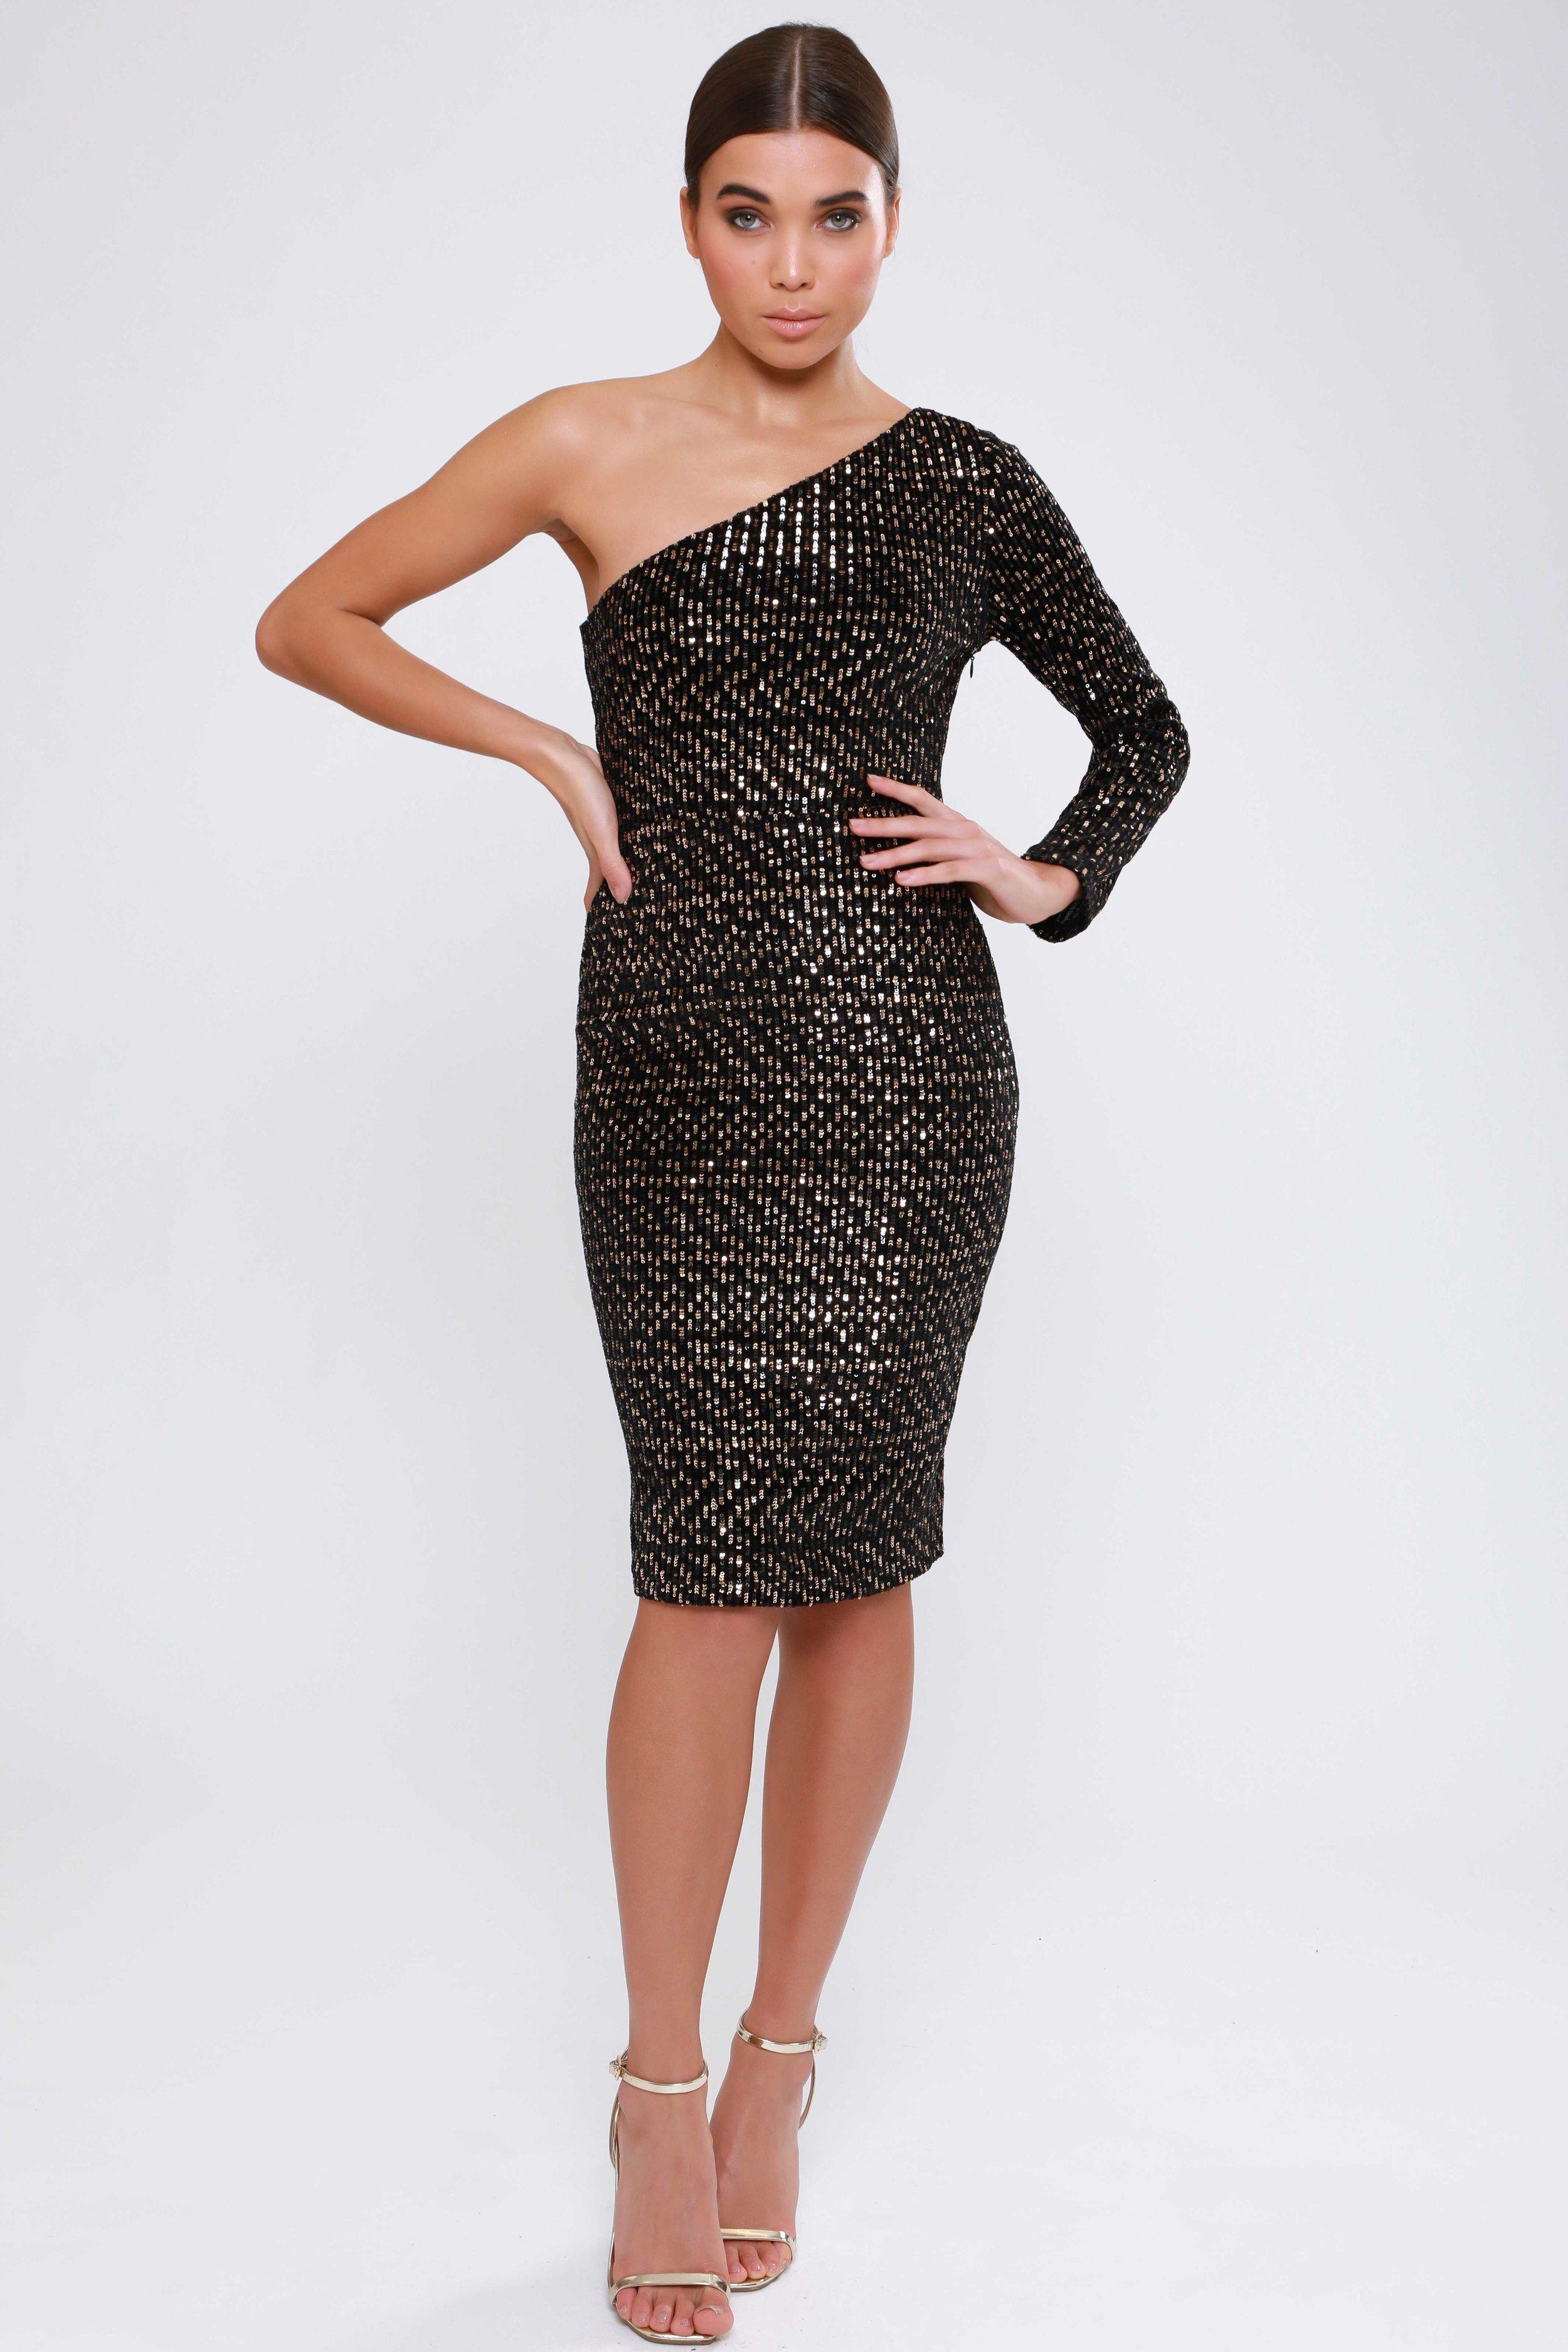 Velvet Sequin One Shoulder  Midi Dress   £60.00